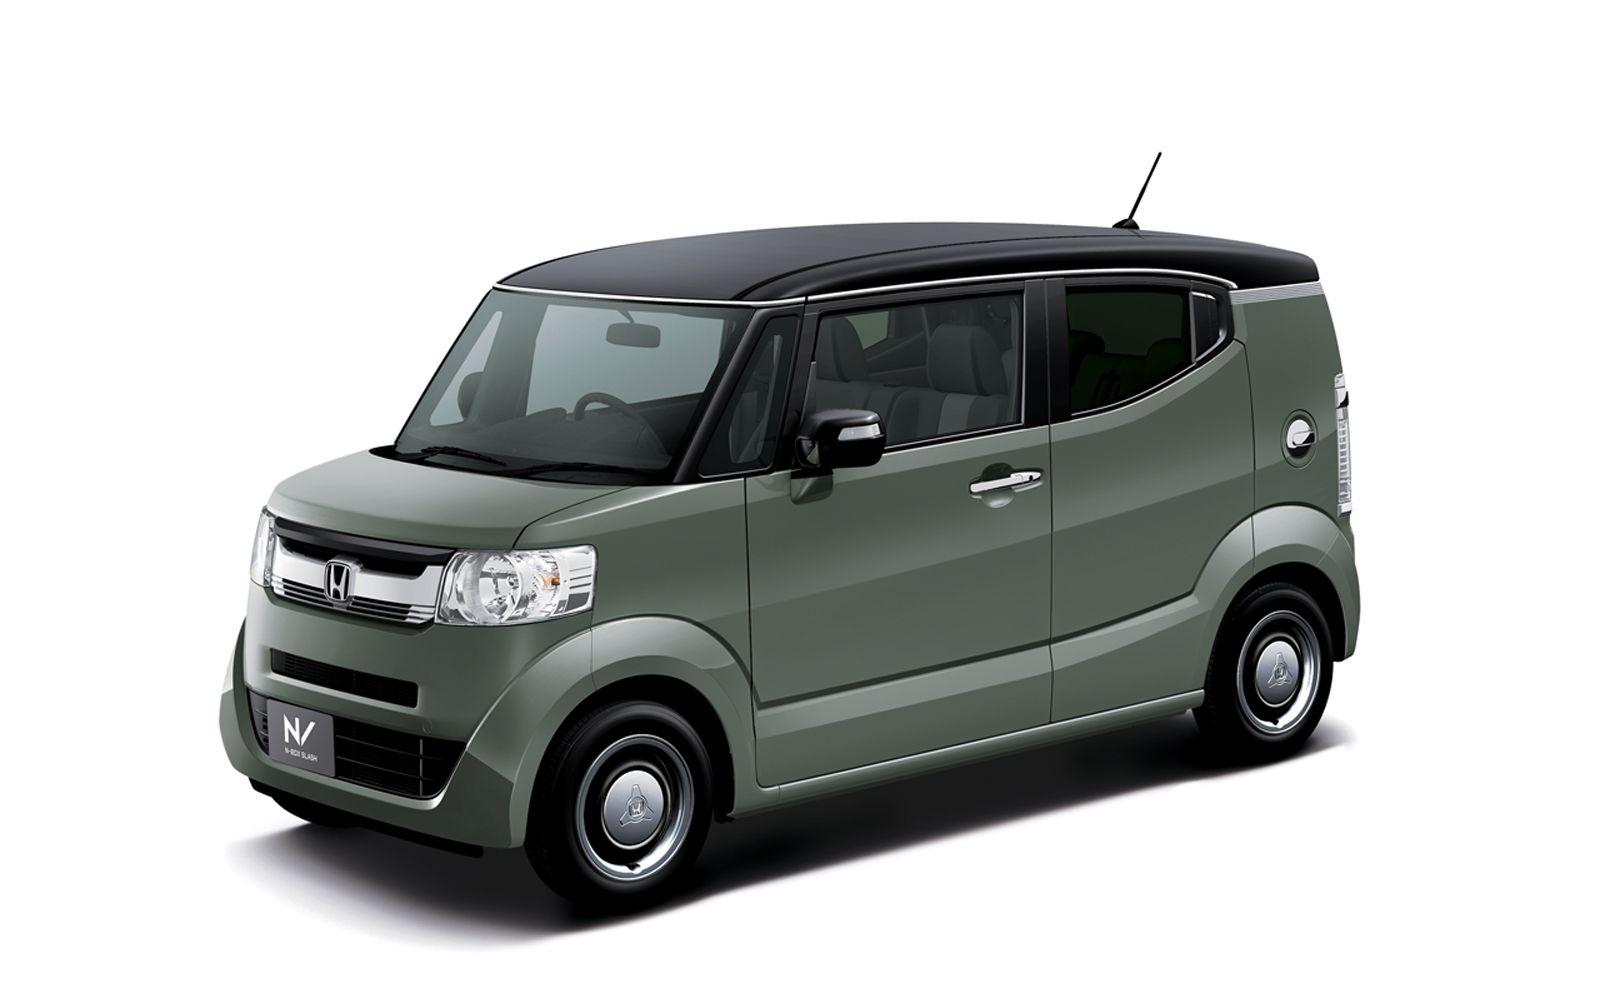 Honda Updates Its Slick Little N Box Slash Kei Car Carscoops Kei Car Suv Cars Honda